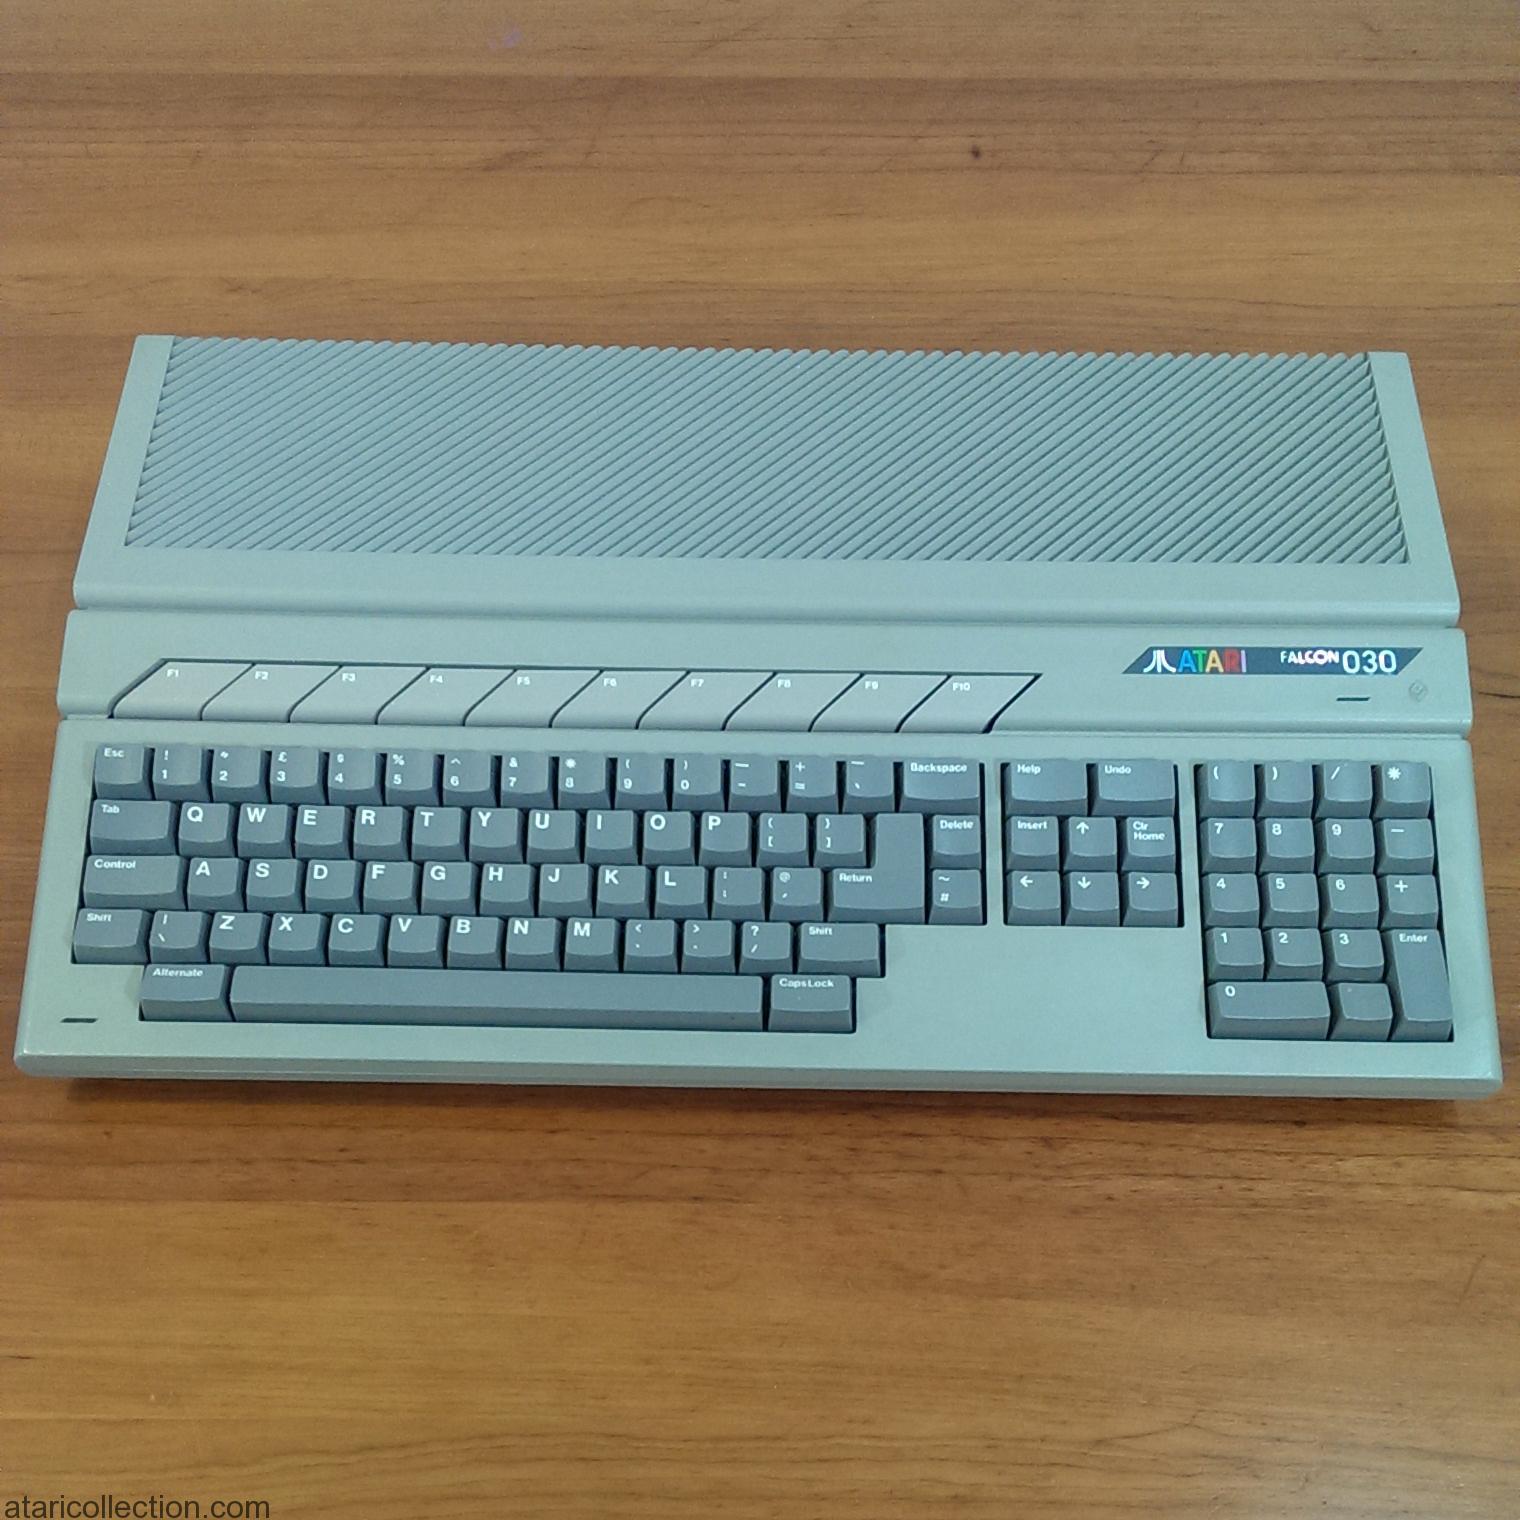 Atari Falcon 030 Computer - ATARI COLLECTION